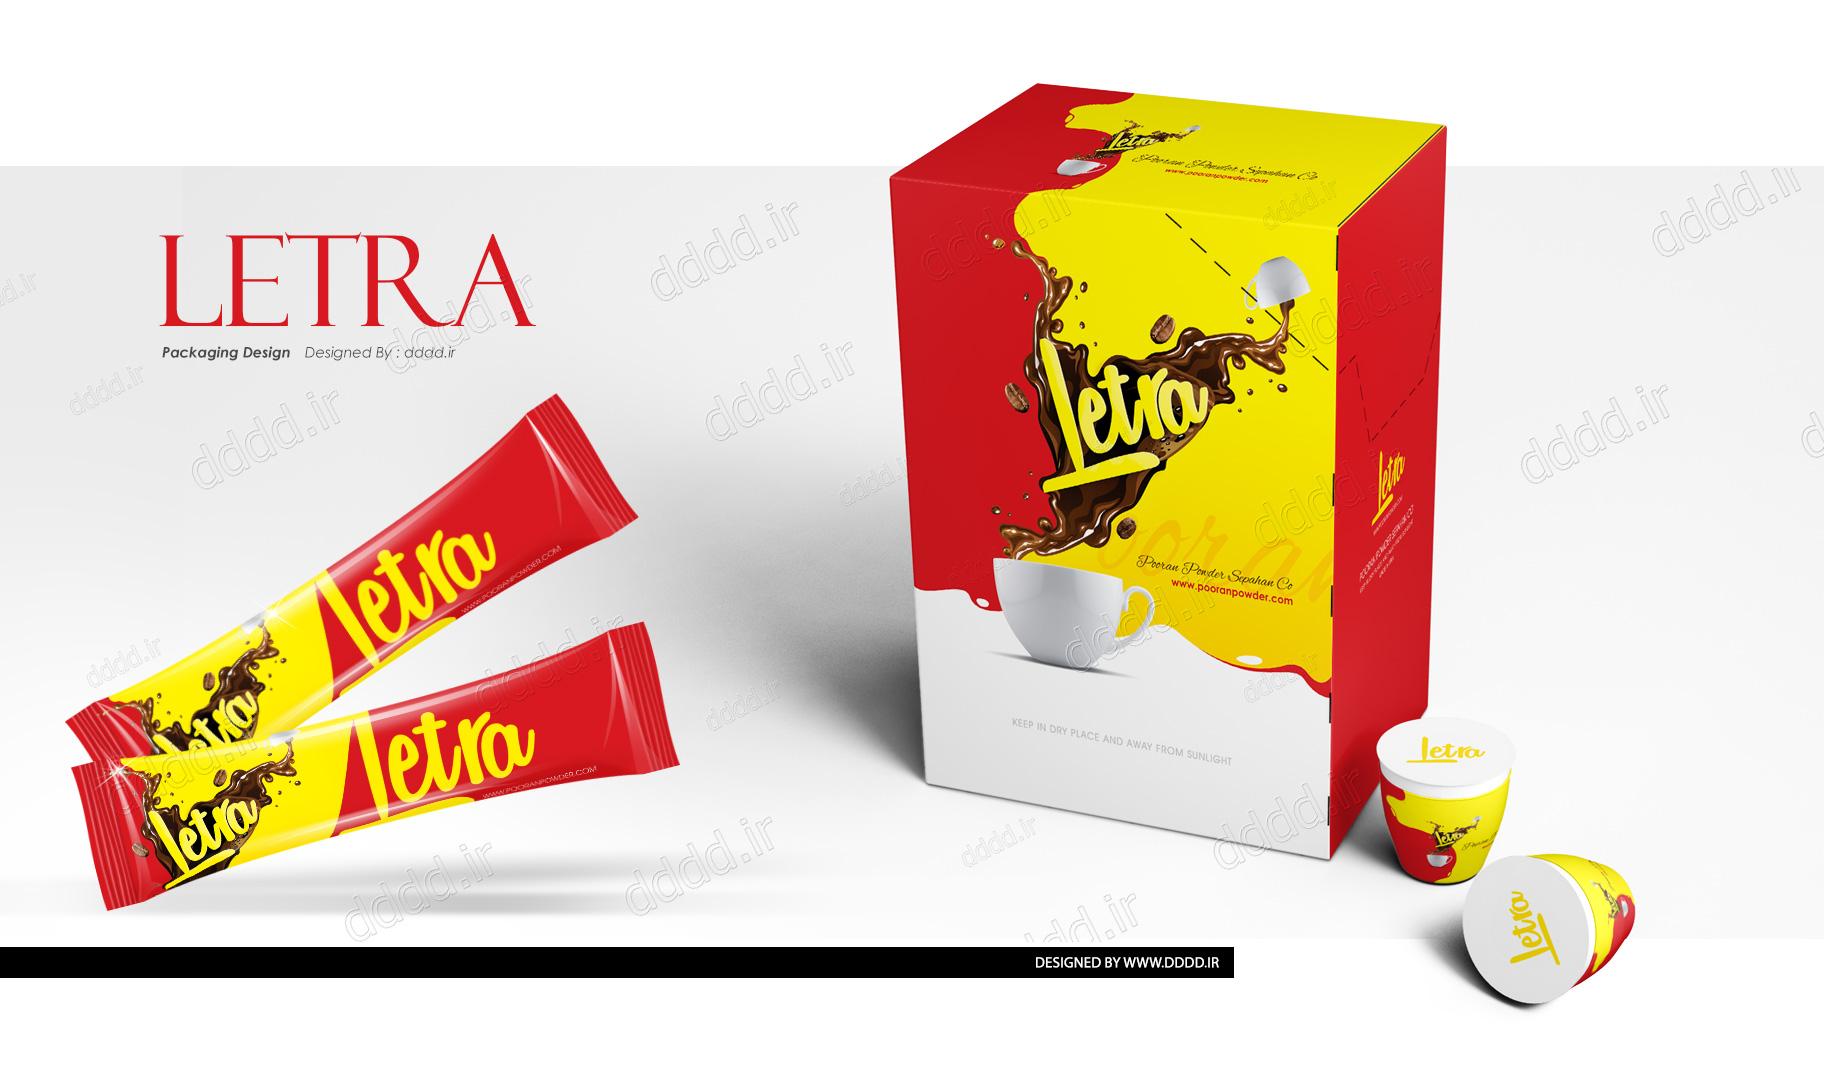 طراحی بسته بندی پودر کاپوچینو لترا